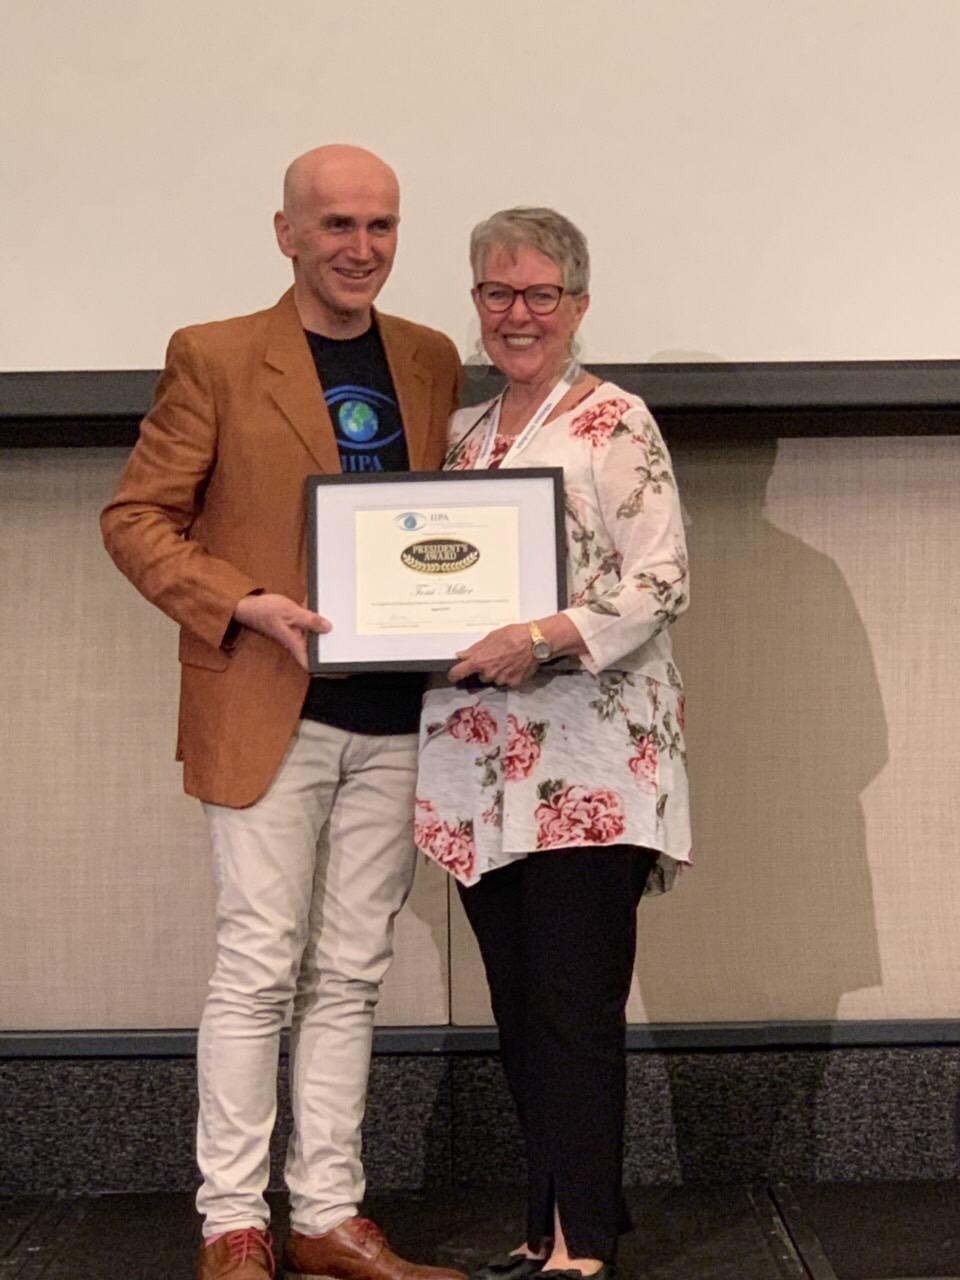 President's Award - Toni Miller